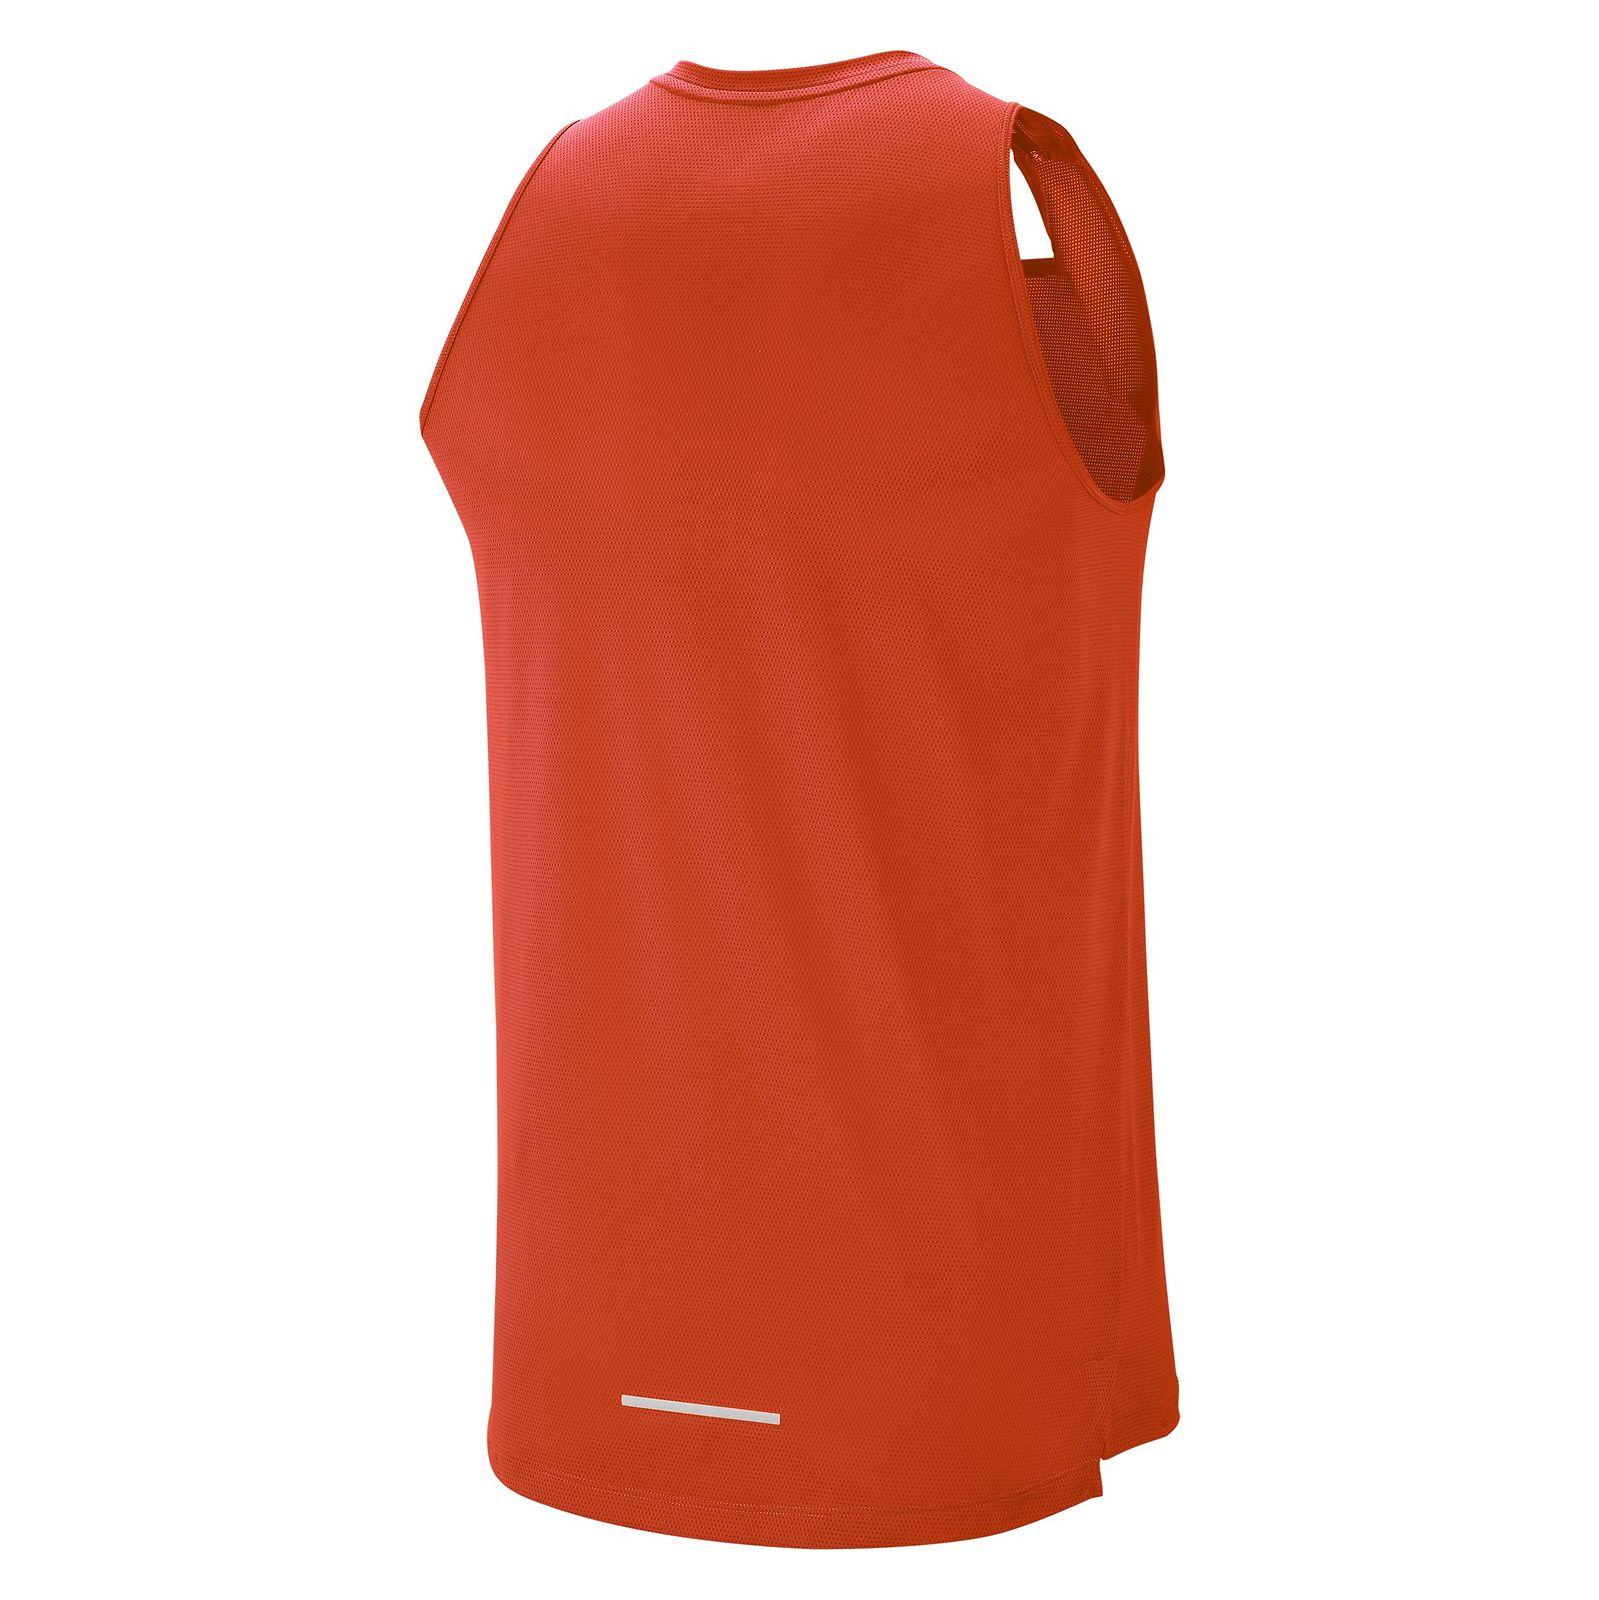 Koszulka męska do biegania Nike Dri-FIT Miler AQ4933